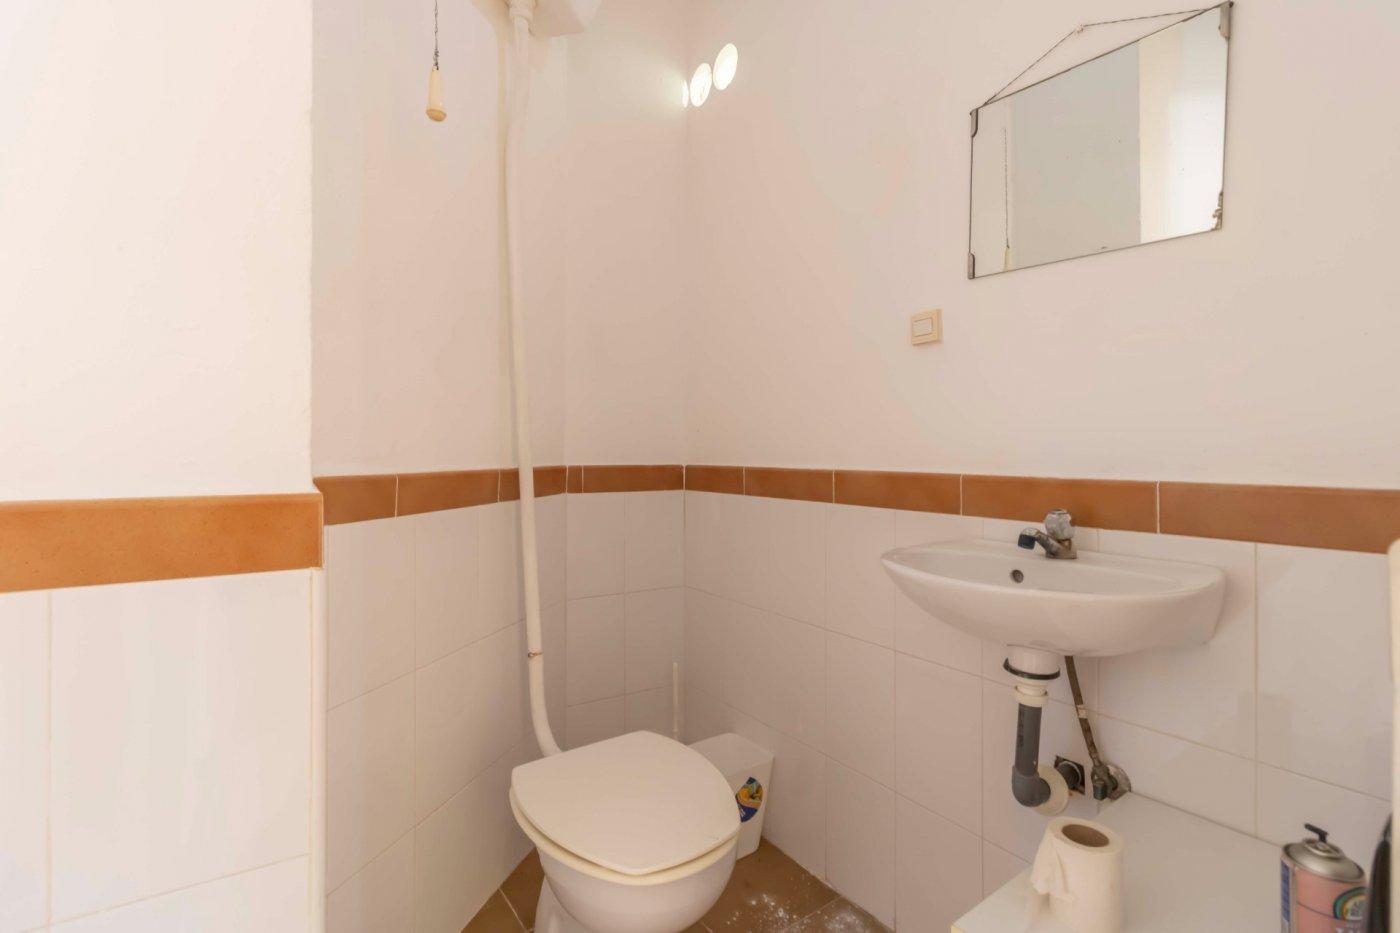 2 pisos a la venta por el precio de uno en zona padre pÍo - imagenInmueble24